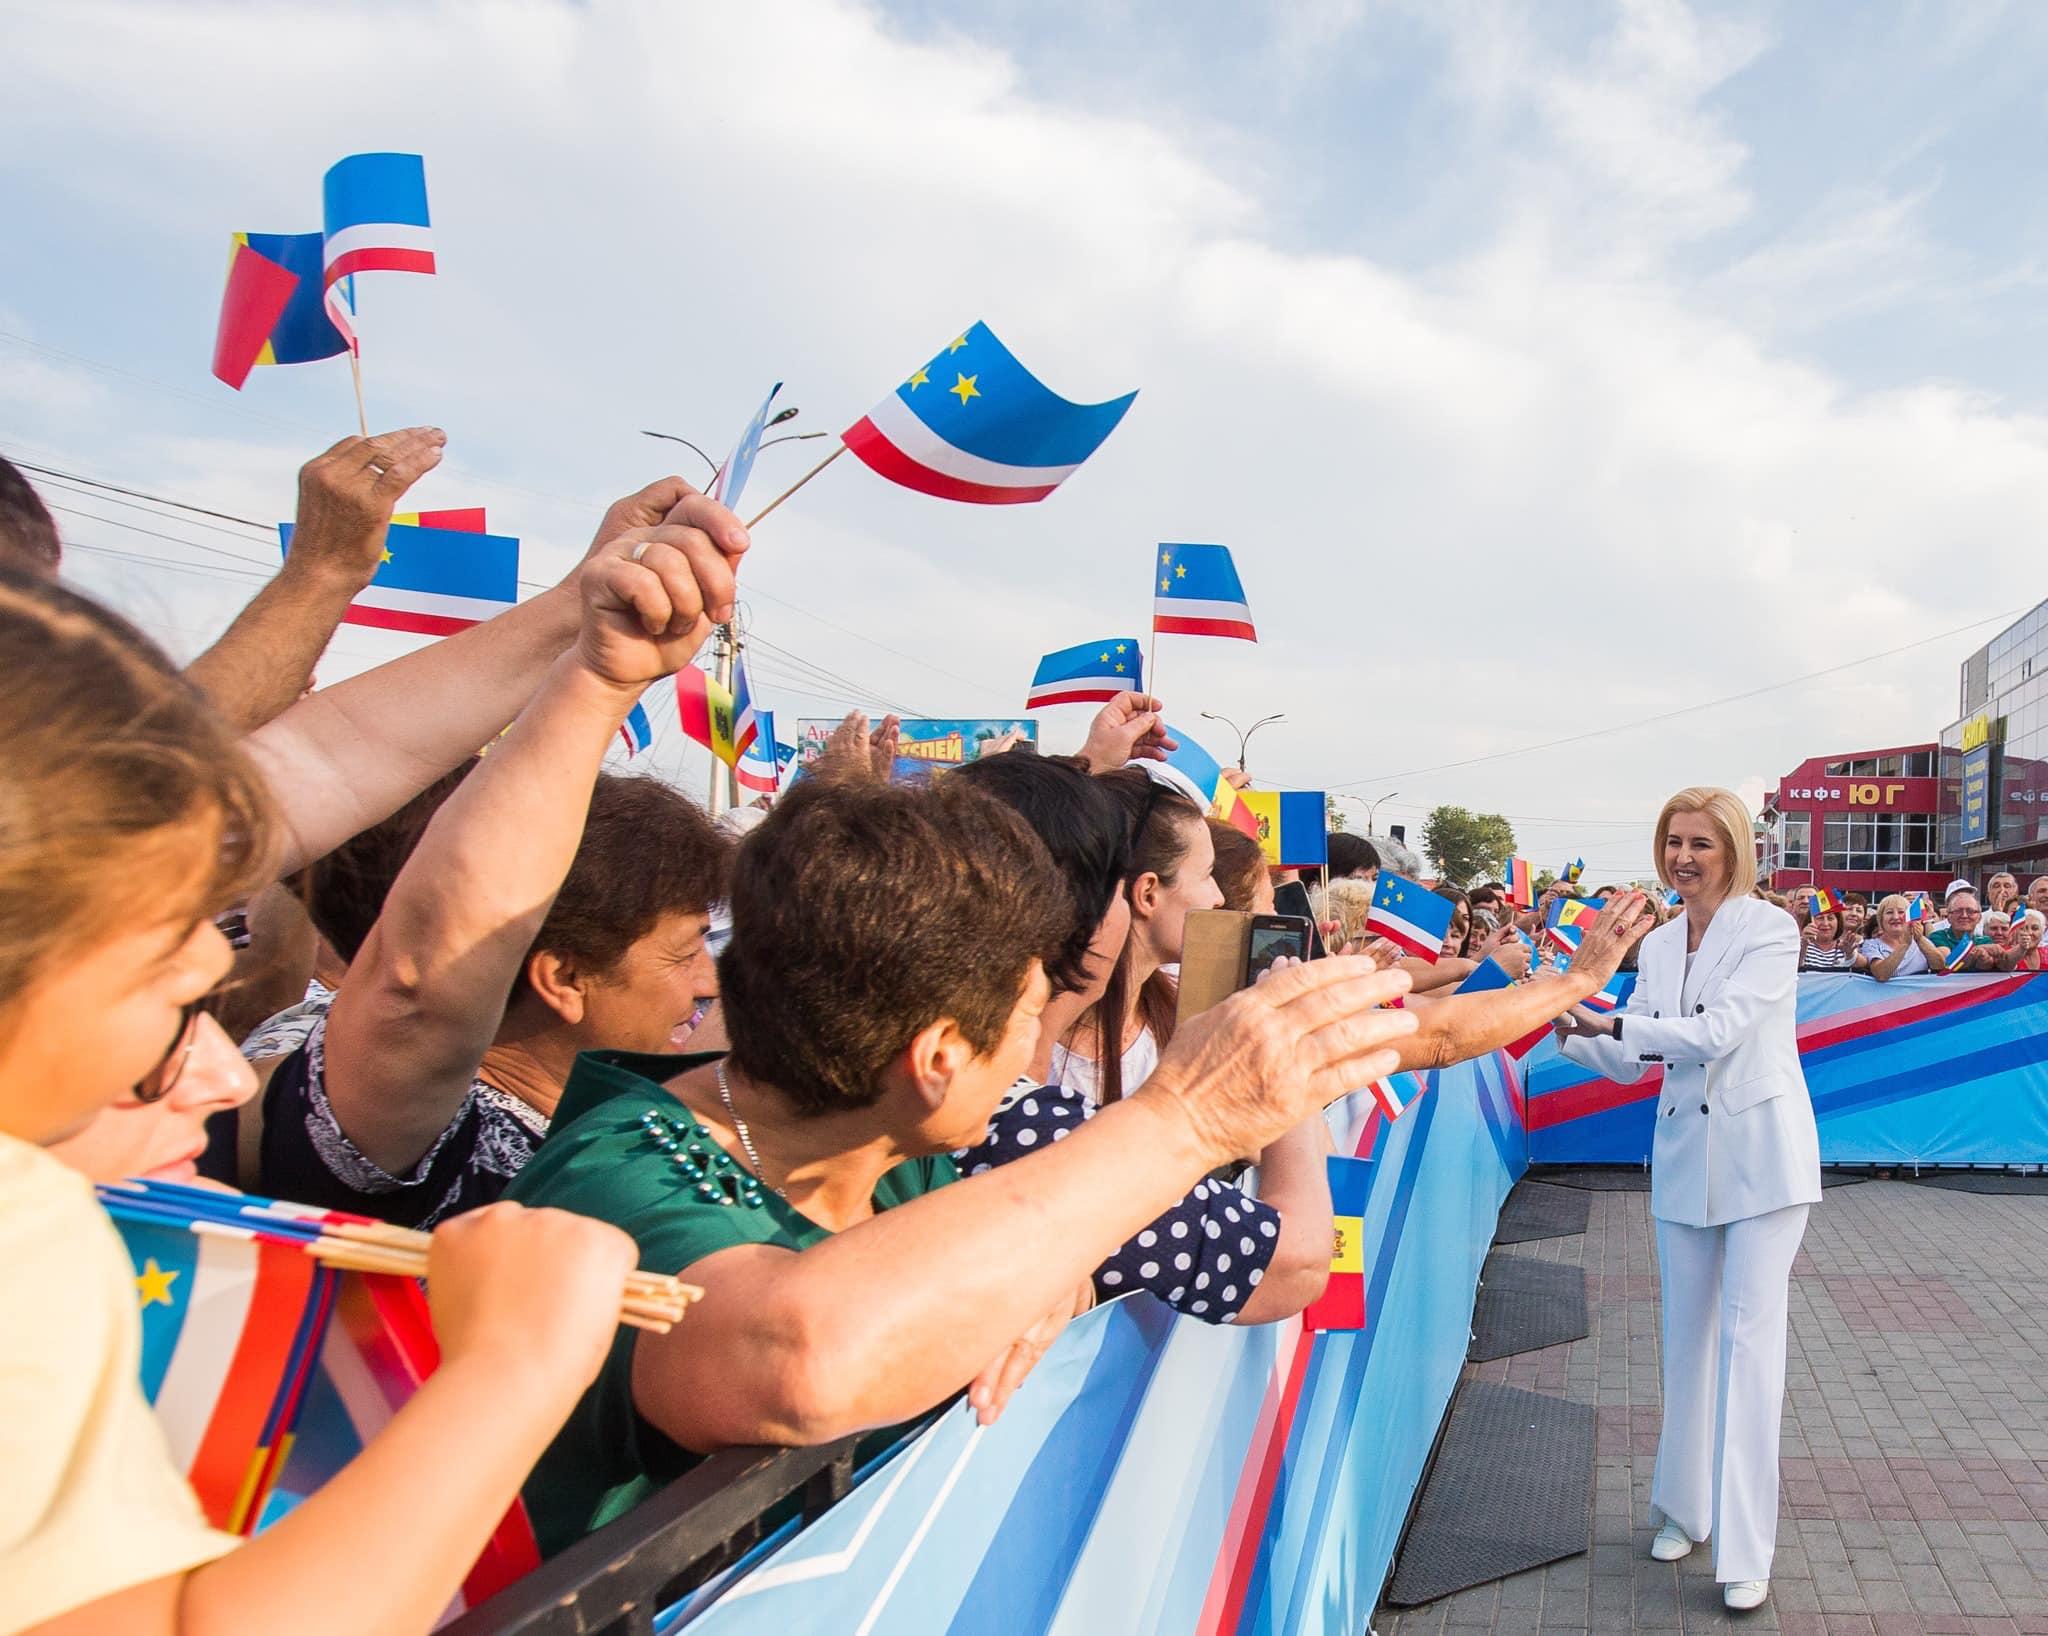 Впервые в истории Молдовы всё высшее руководство страны приняло участие в инаугурации башкана Гагаузии (ФОТО, ВИДЕО)